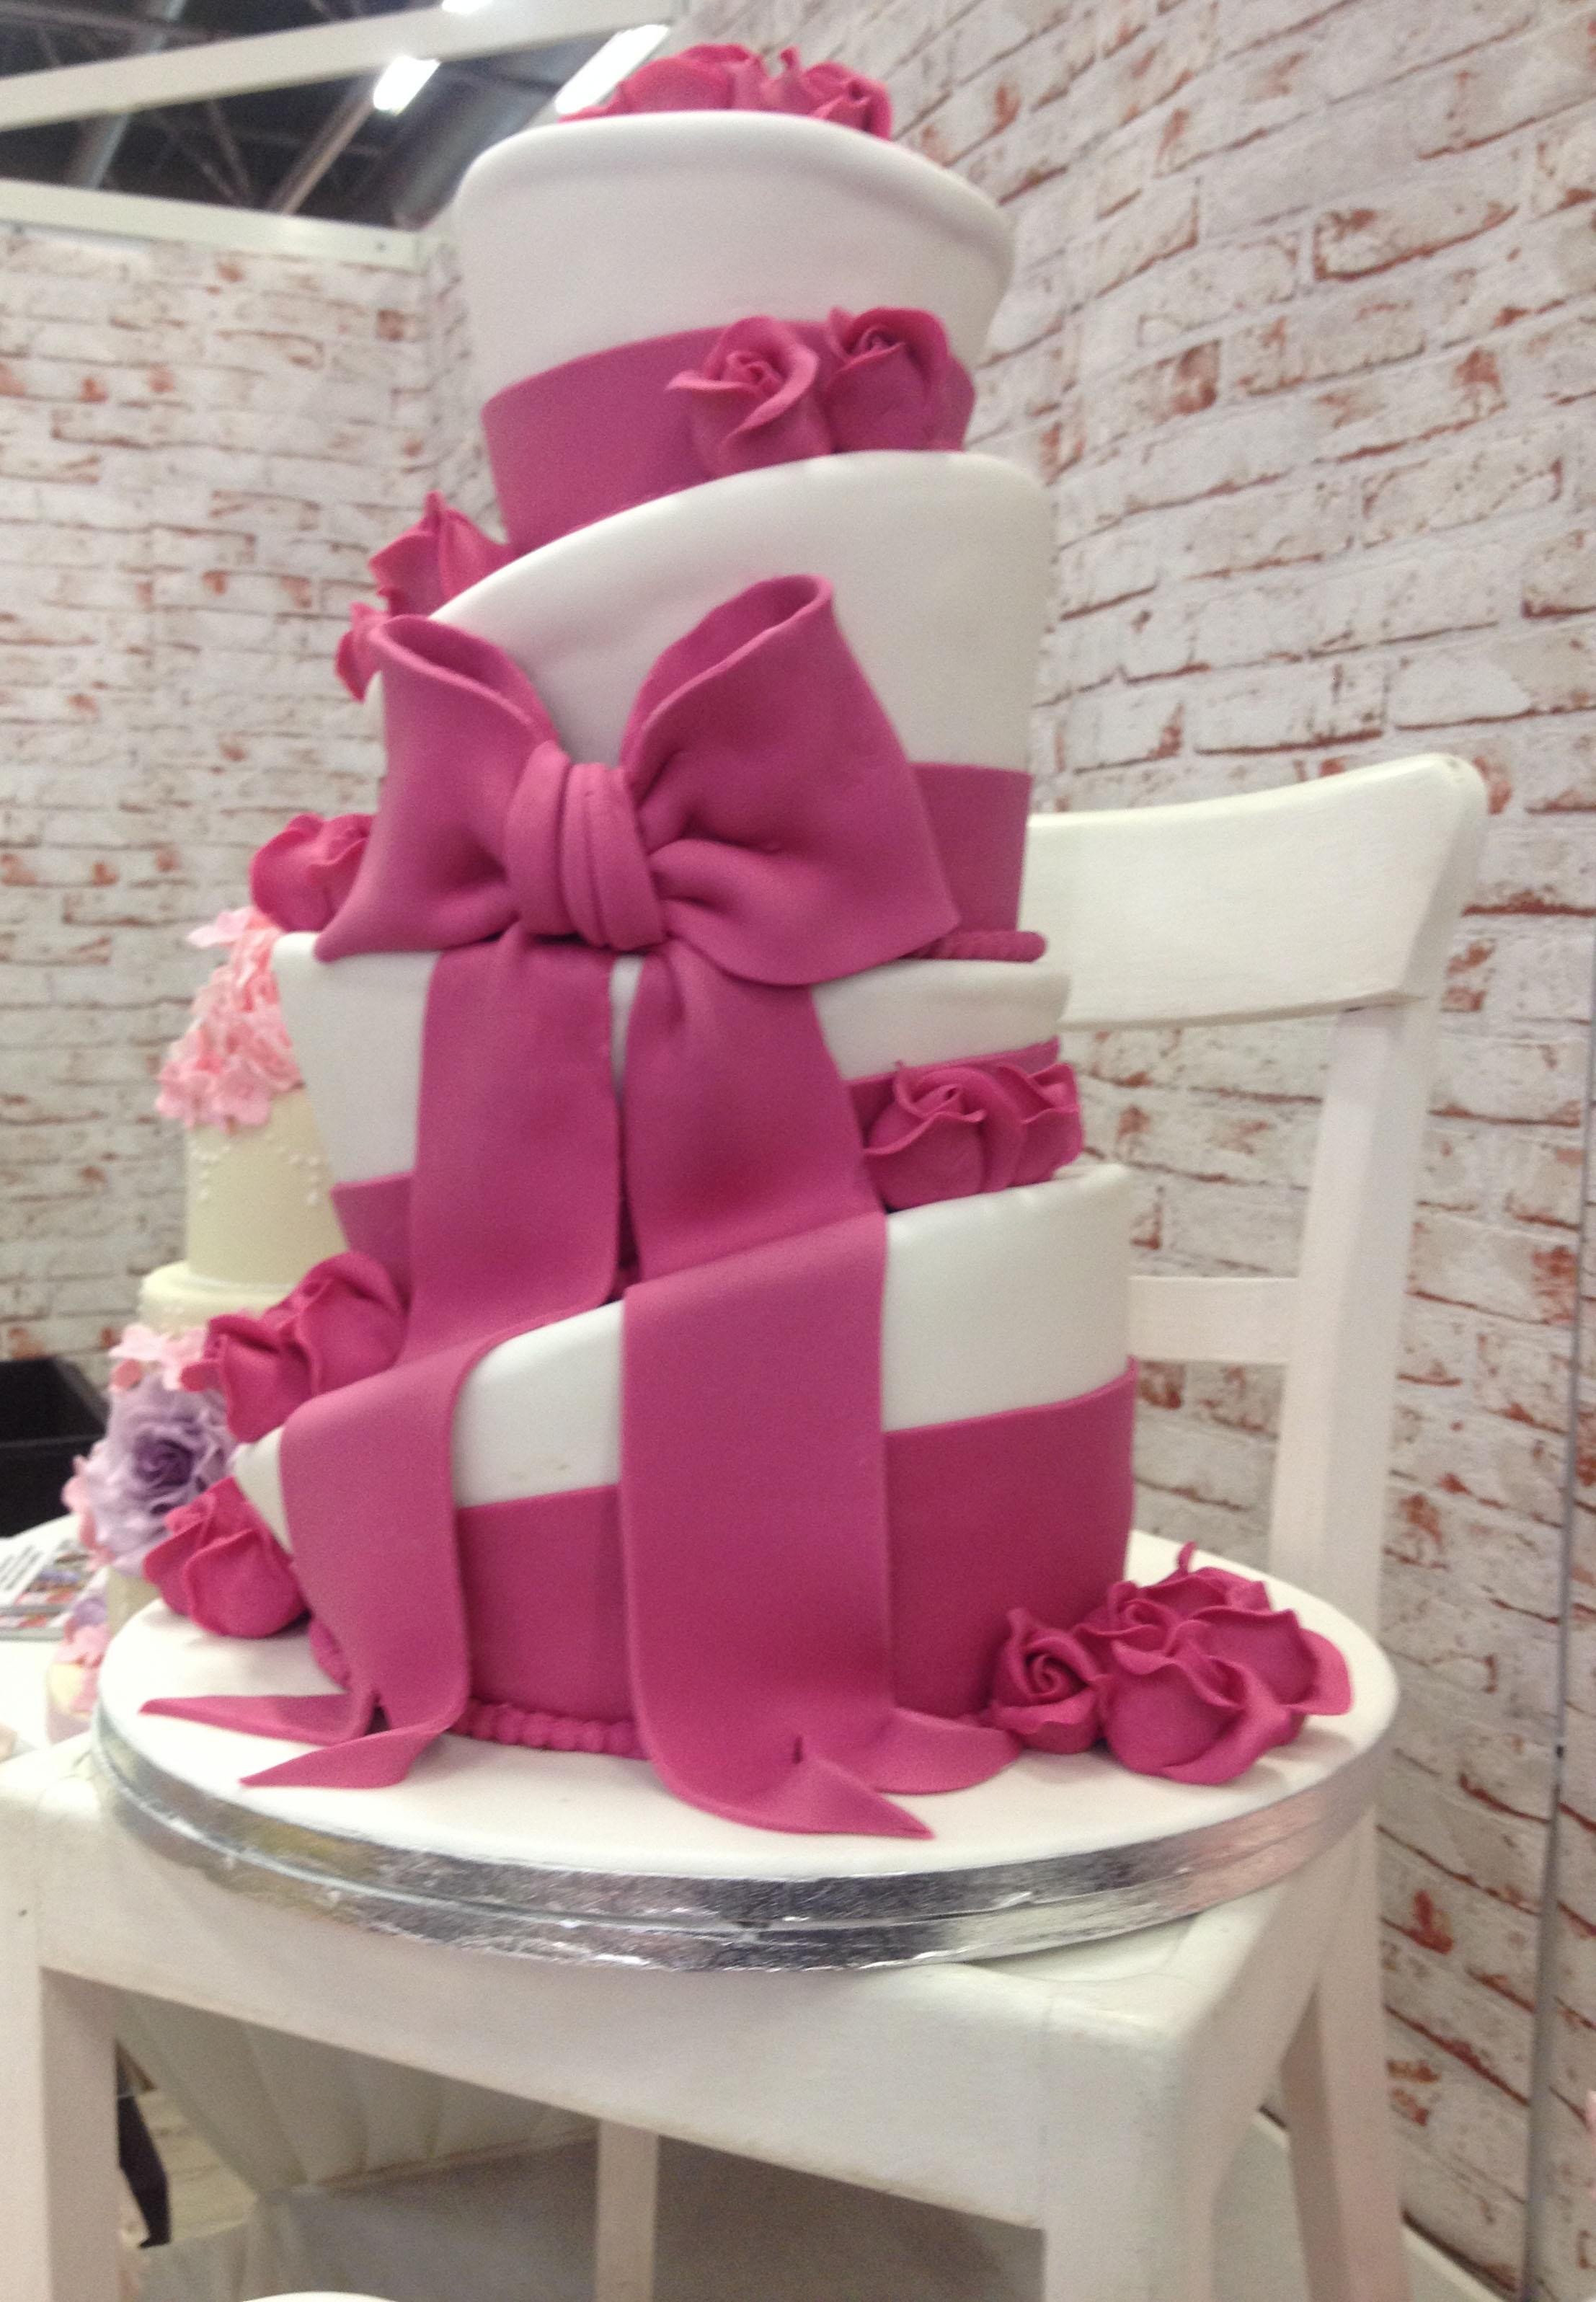 Wedding Dress Hochzeitsmesse Impressionen Hochzeit heiraten Brautkleid Hochzeitstorte rosa 3 stock schleifen rosa